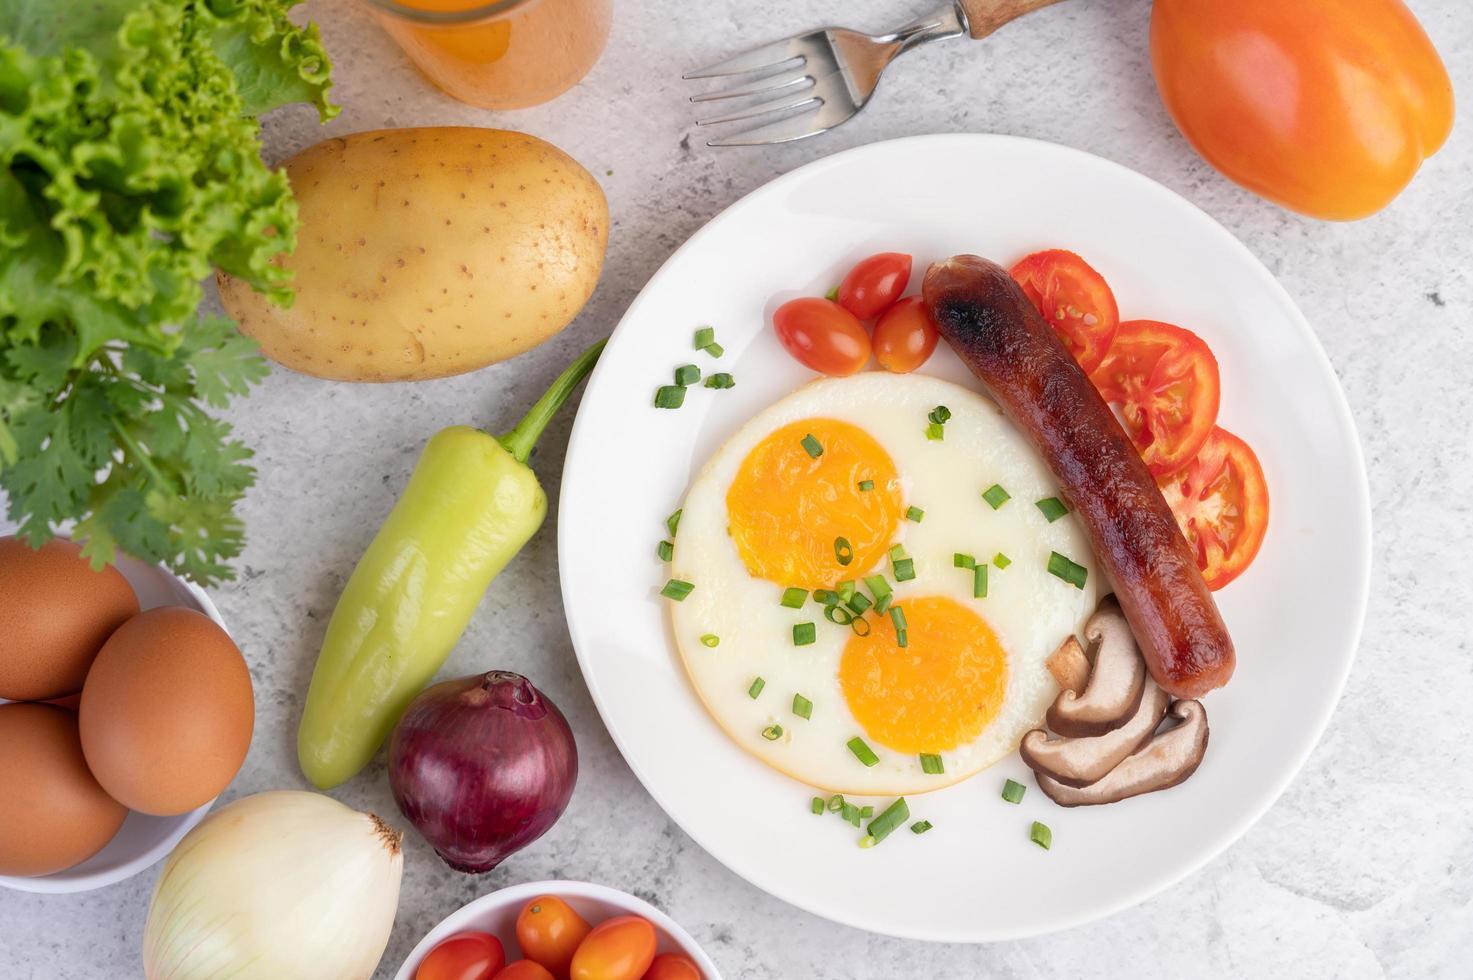 ontbijtbord met gebakken eieren, tomaten, chinese worst en champignons foto